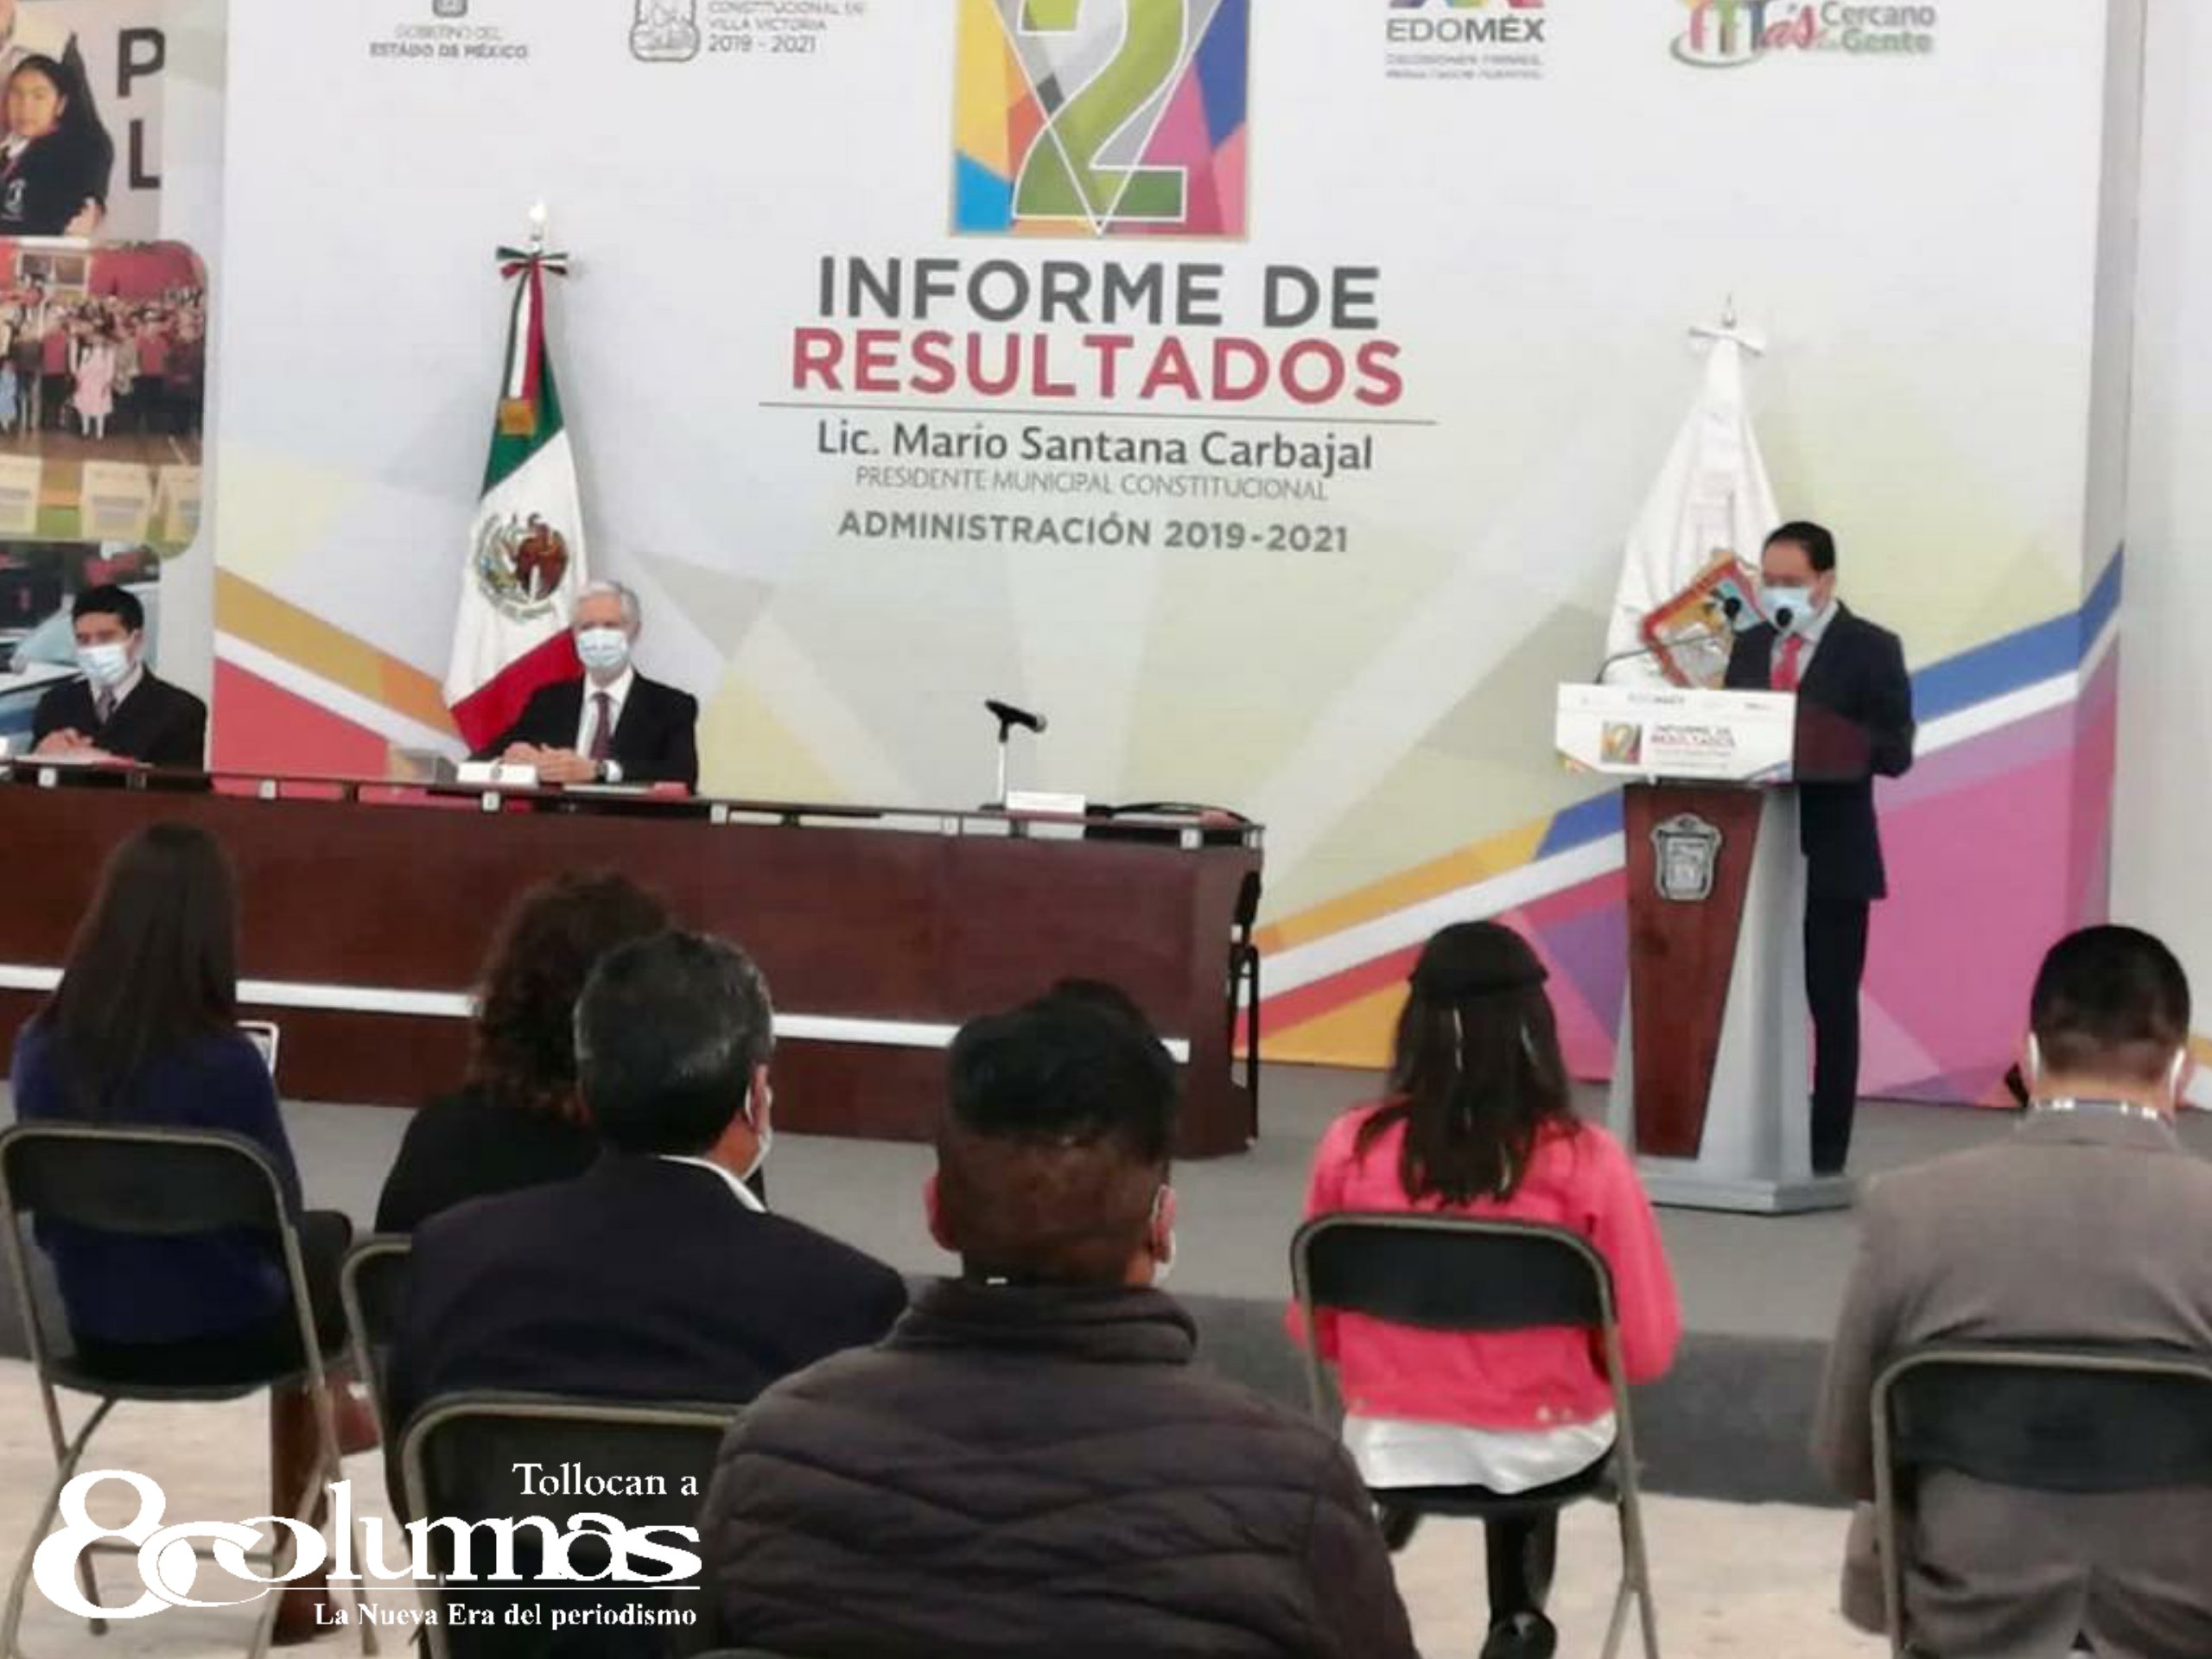 Pese a pandemia Edoméx continúa con apoyo e impulso a la población: Alfredo del Mazo - Dic 3, 2020